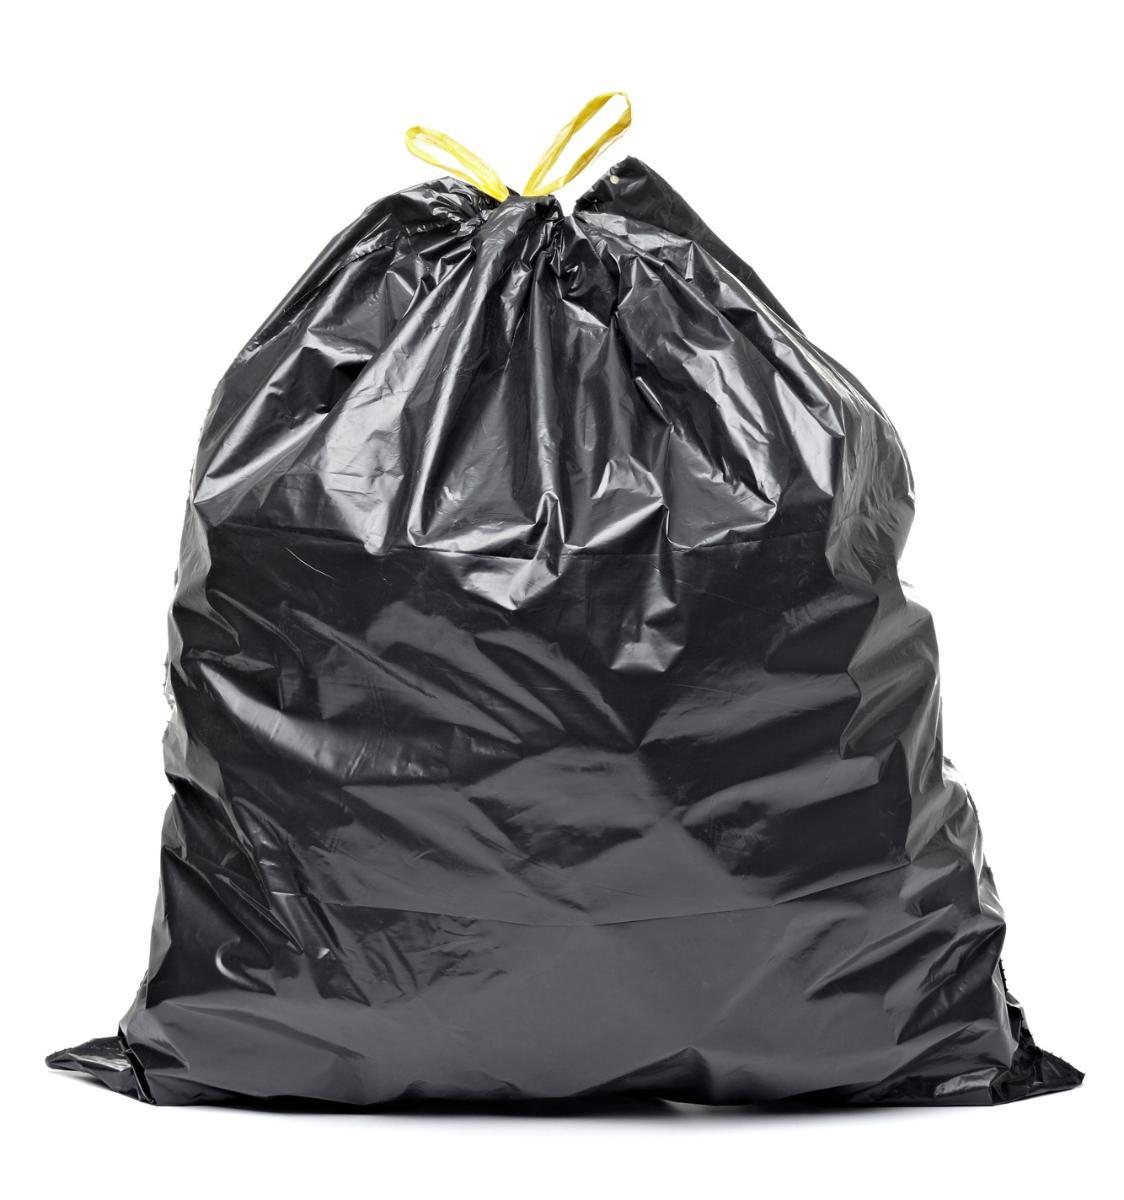 Sacs poubelle noir